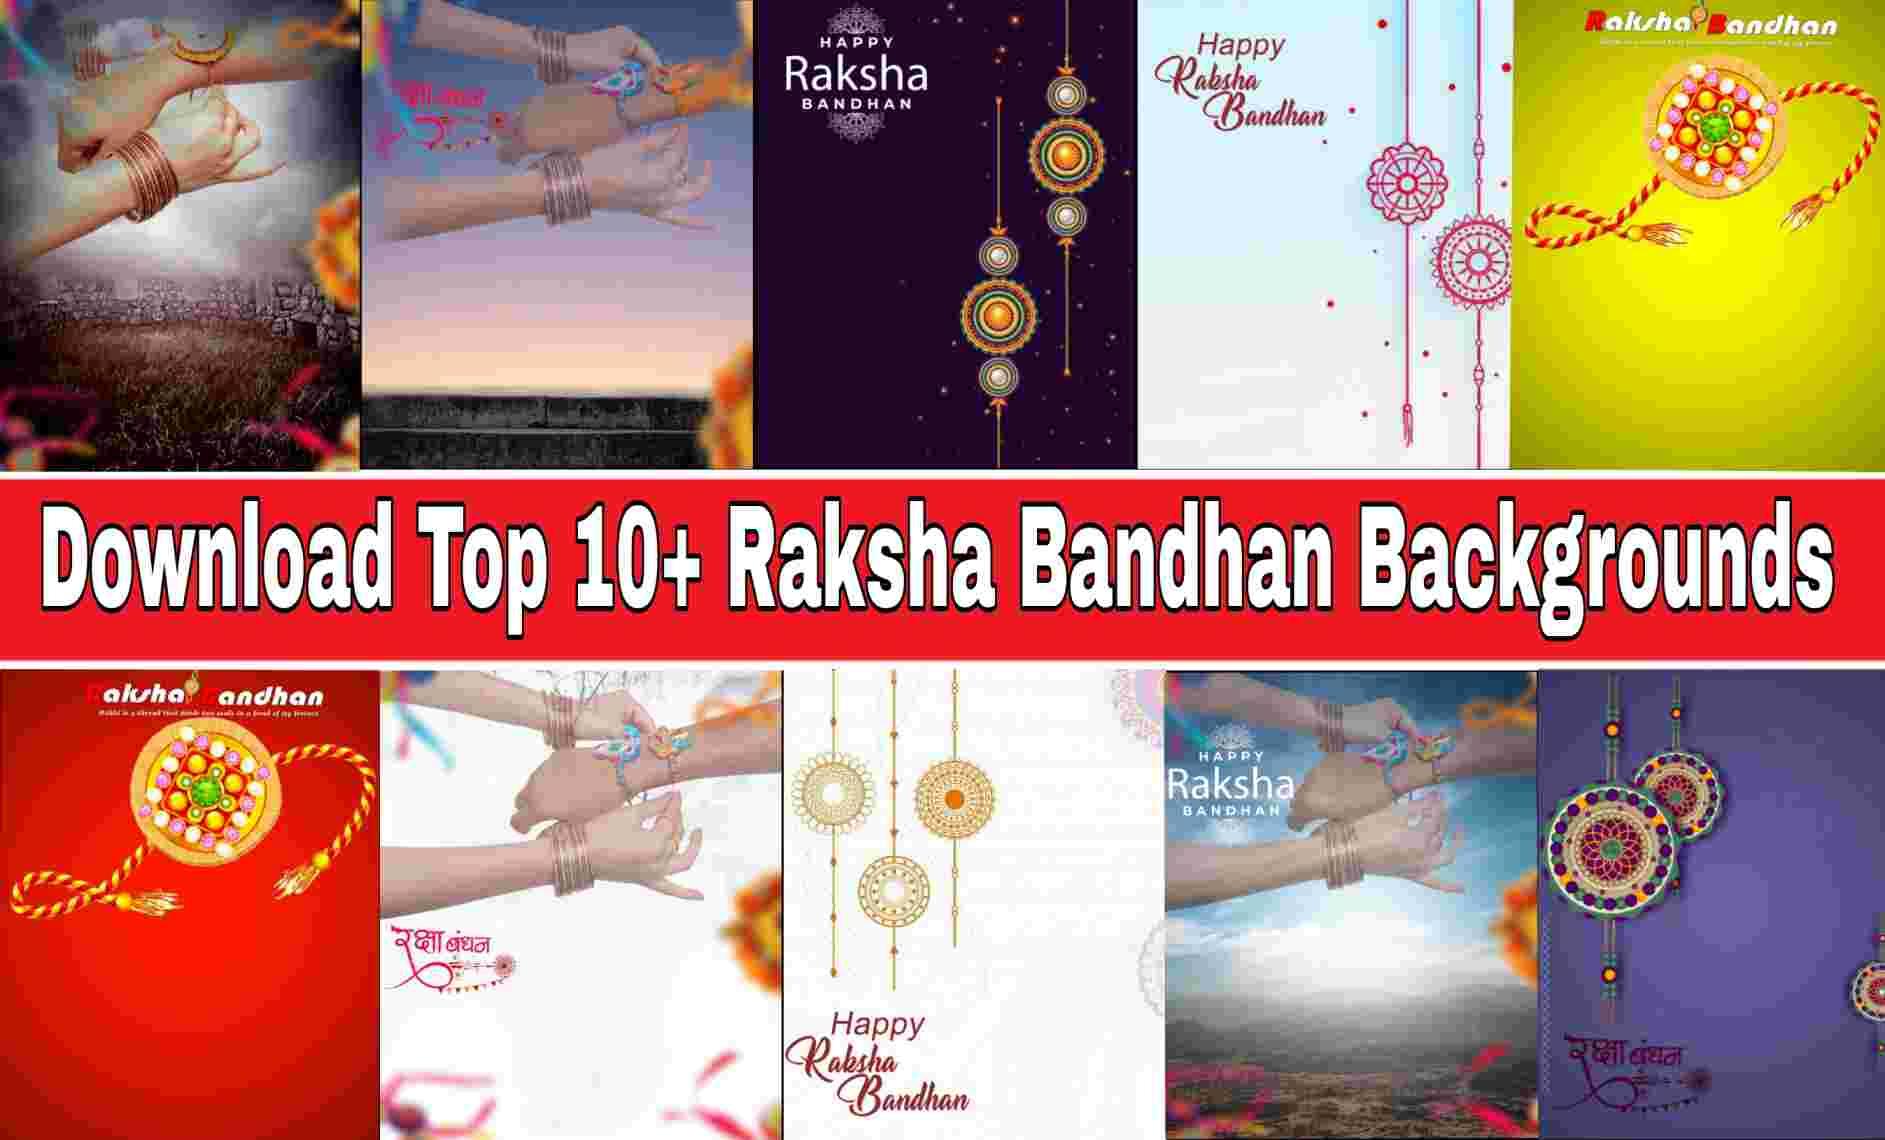 Top 10+ Raksha Bandhan Background Download